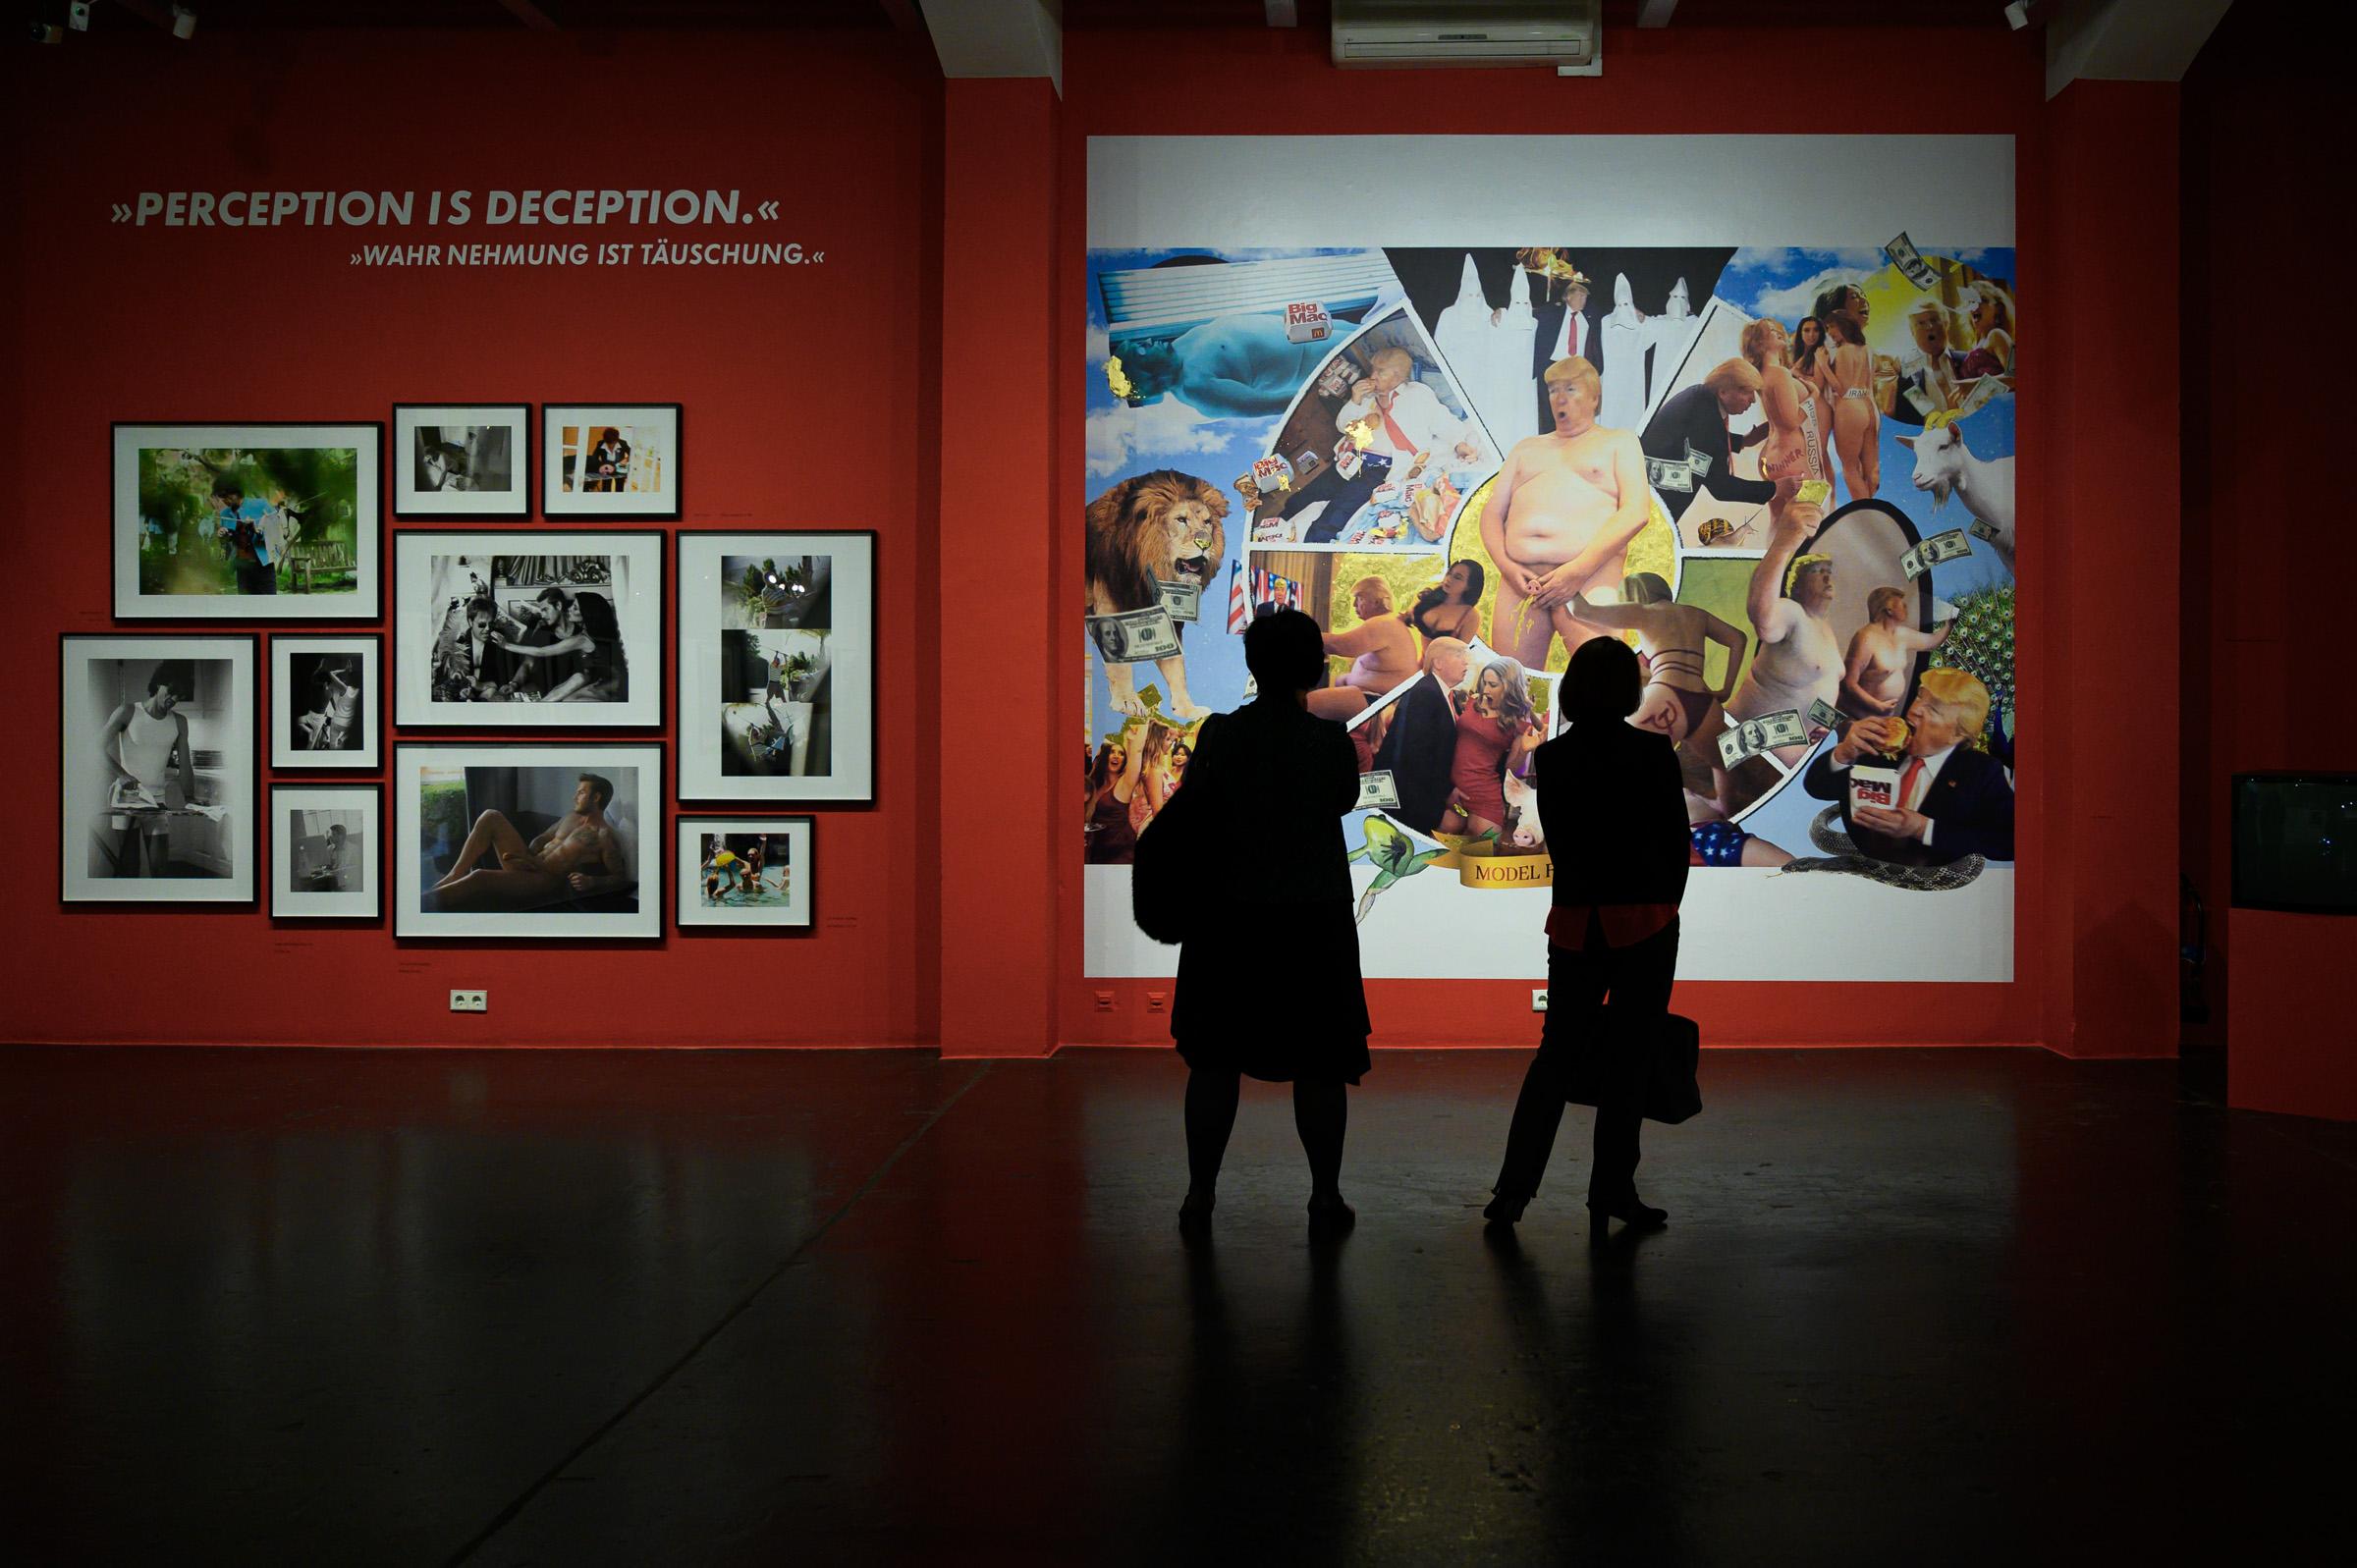 Ausstellungsraum mit einer Collage